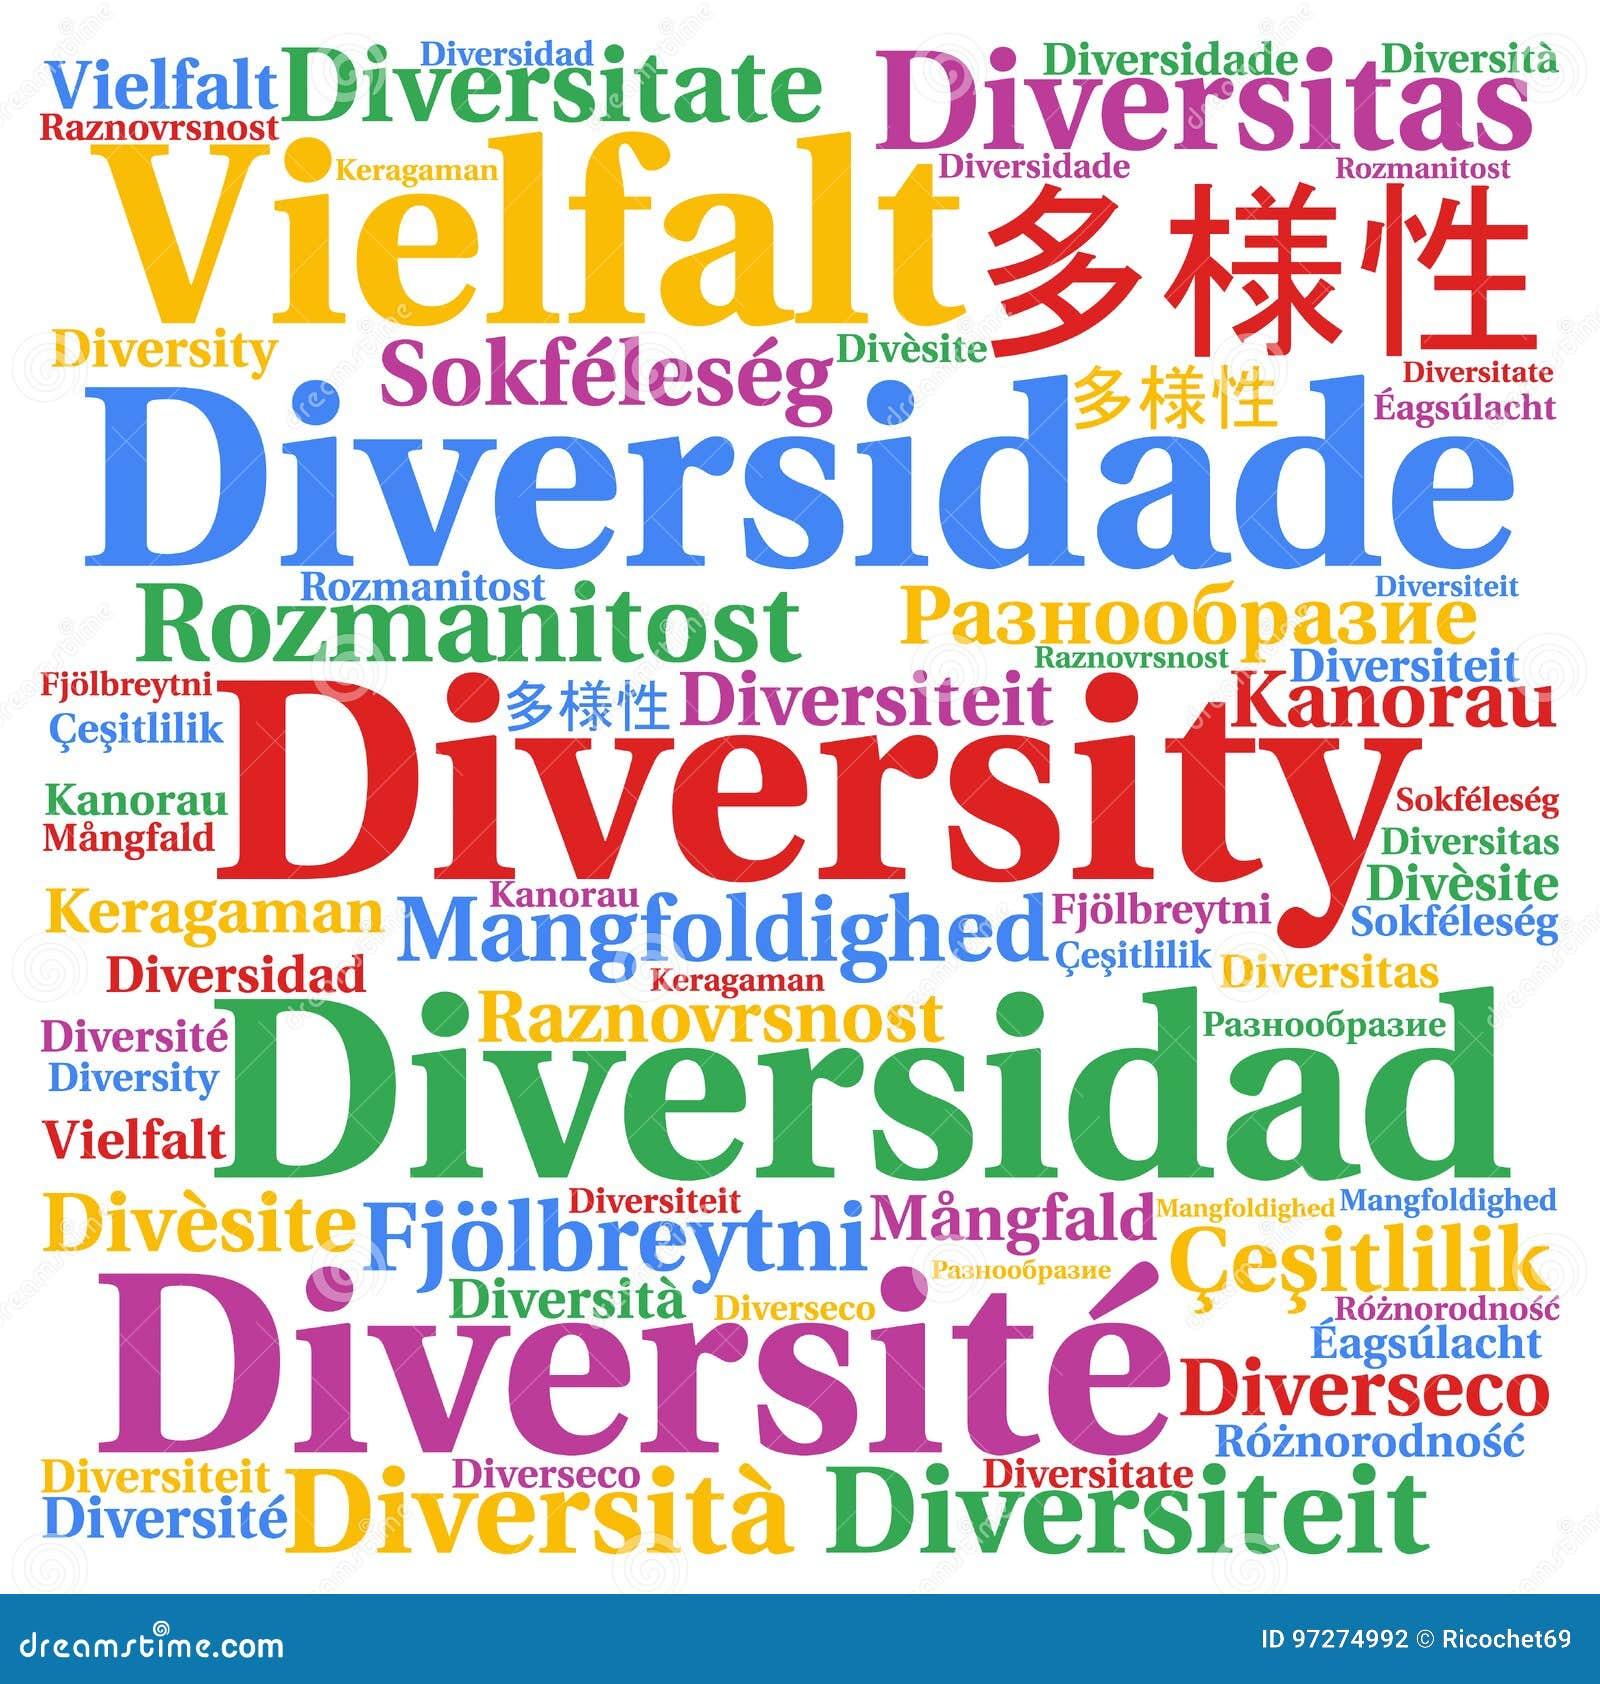 Verschiedenartigkeit in der unterschiedlichen Sprachwortwolke